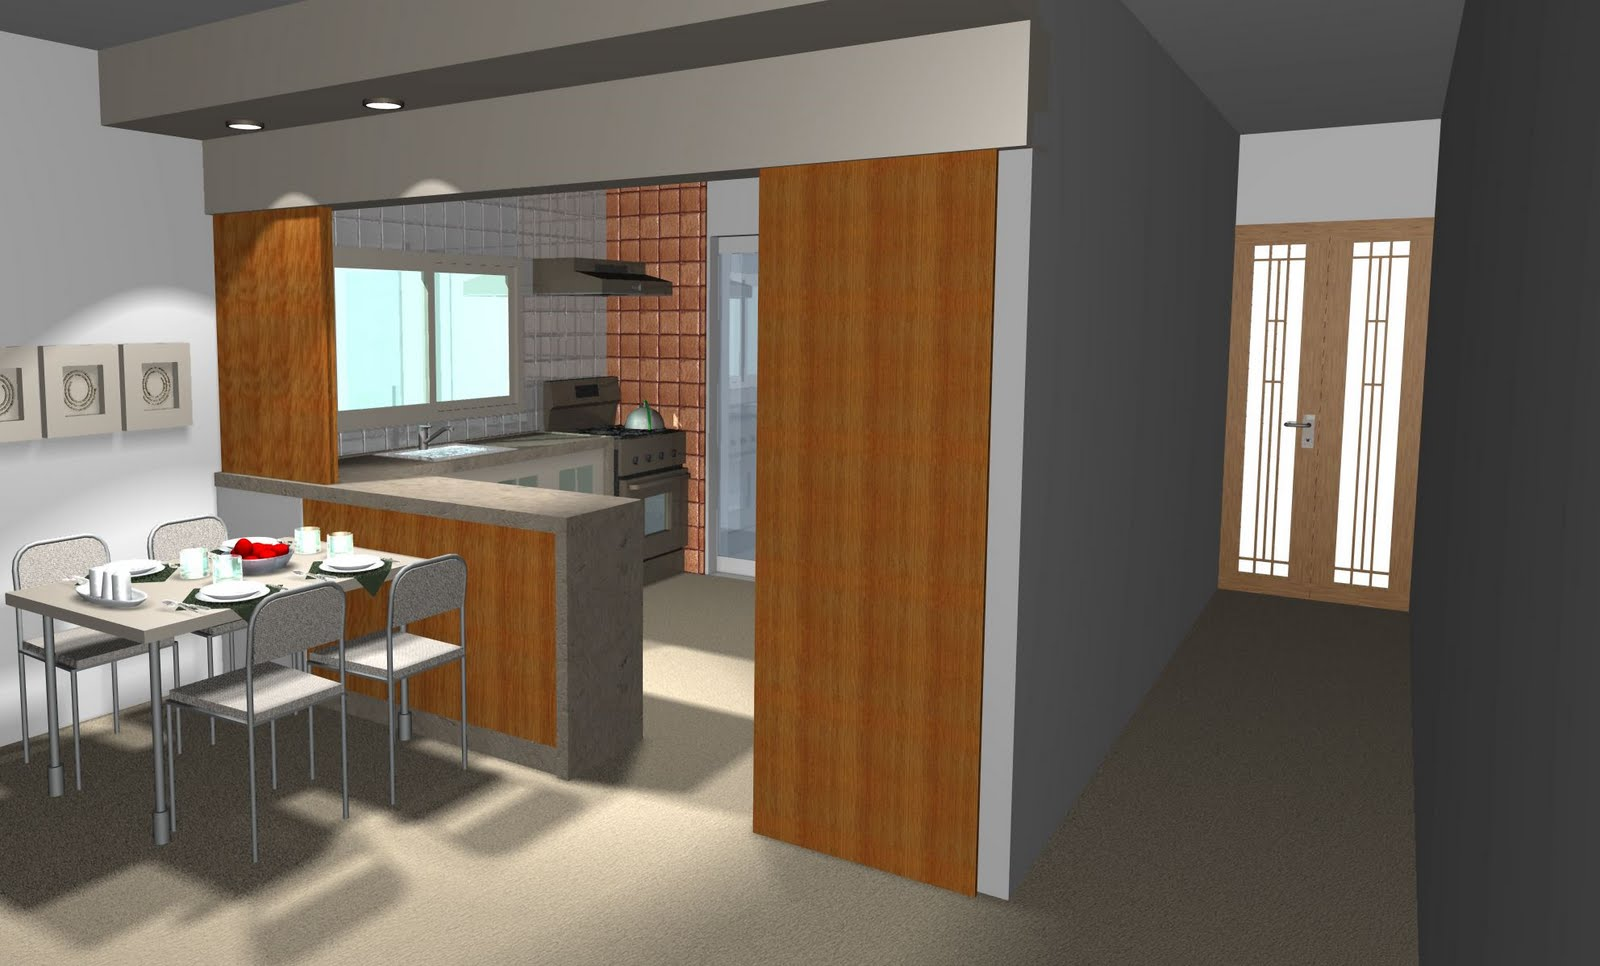 #79481E NAX arquitetura: Mais privacidade na cozinha americana 1600x966 px Projeto Sala Com Cozinha Americana_4993 Imagens